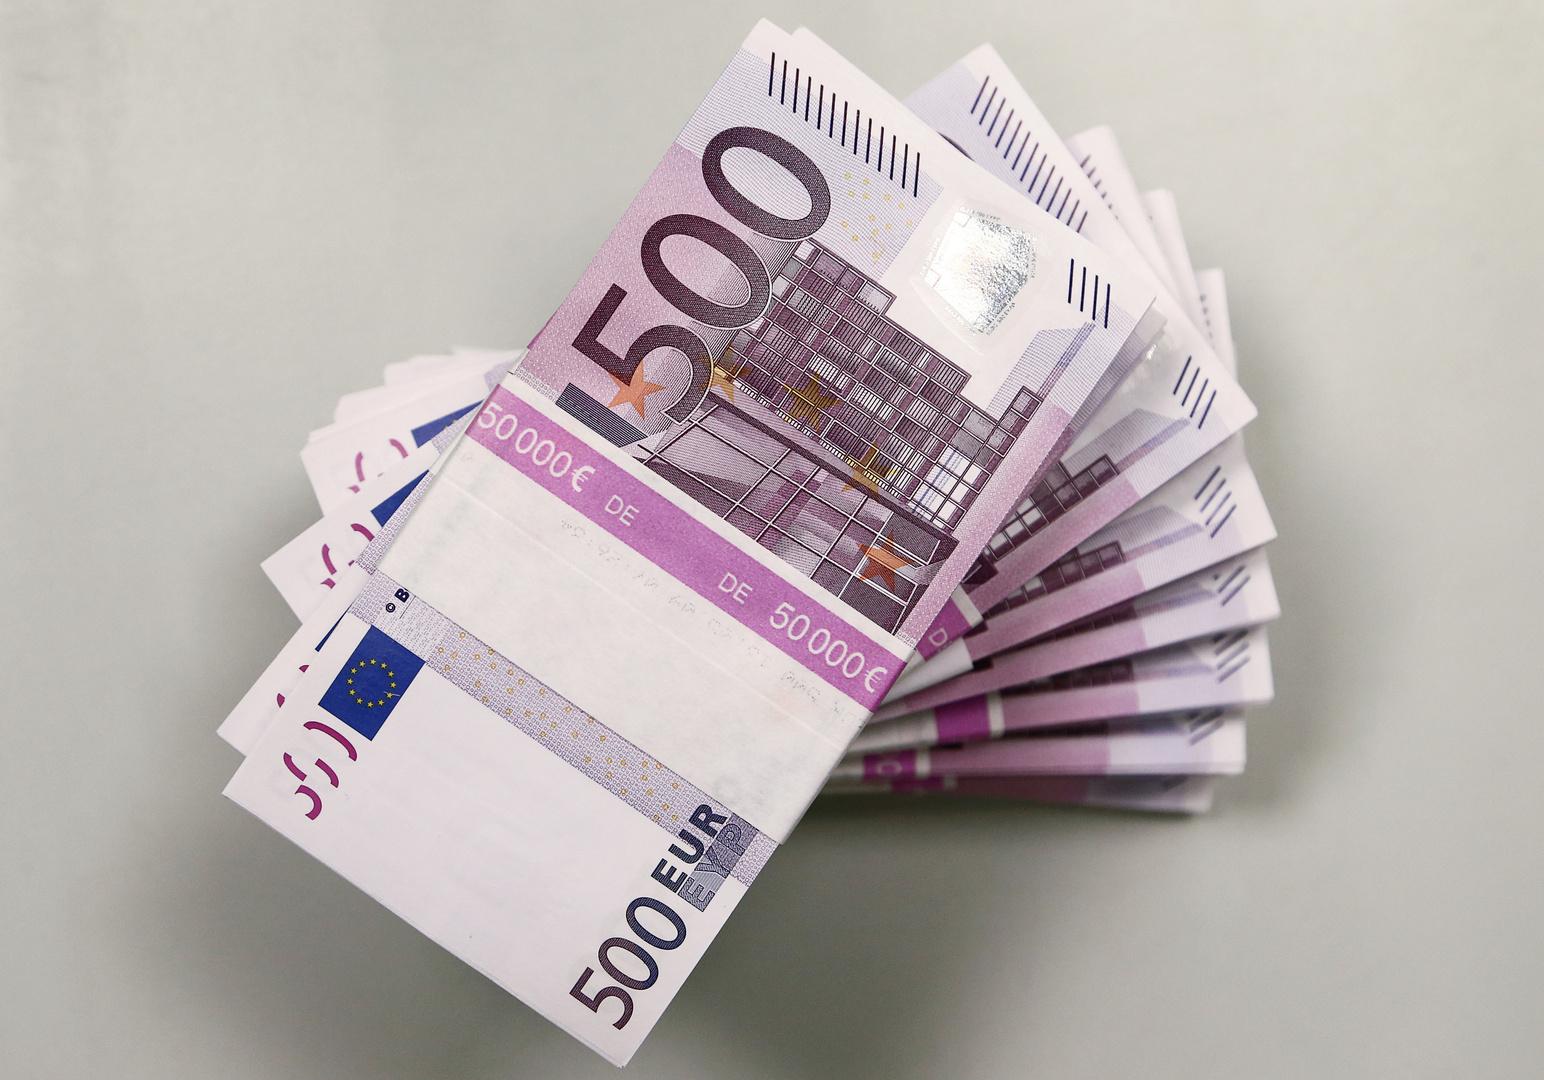 فرنسا تسجل في الربع الأول أشد انكماش اقتصادي منذ الحرب العالمية الثانية